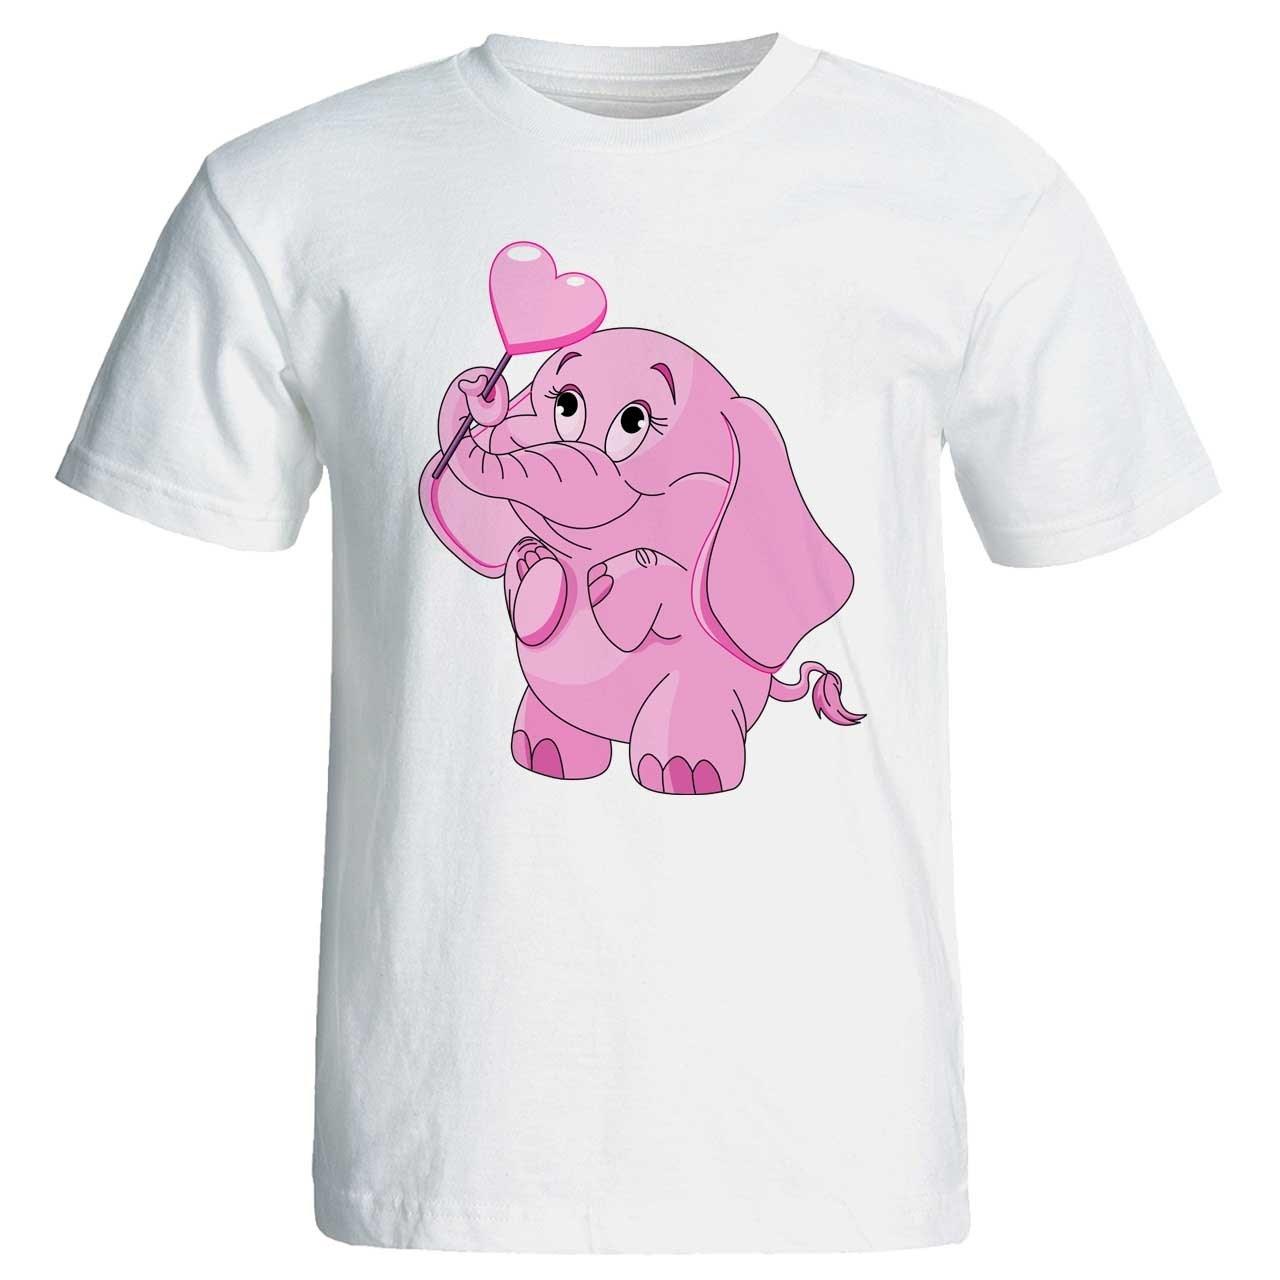 تی شرت زنانه پارس طرح کارتونی فیل صورتی کد 3725